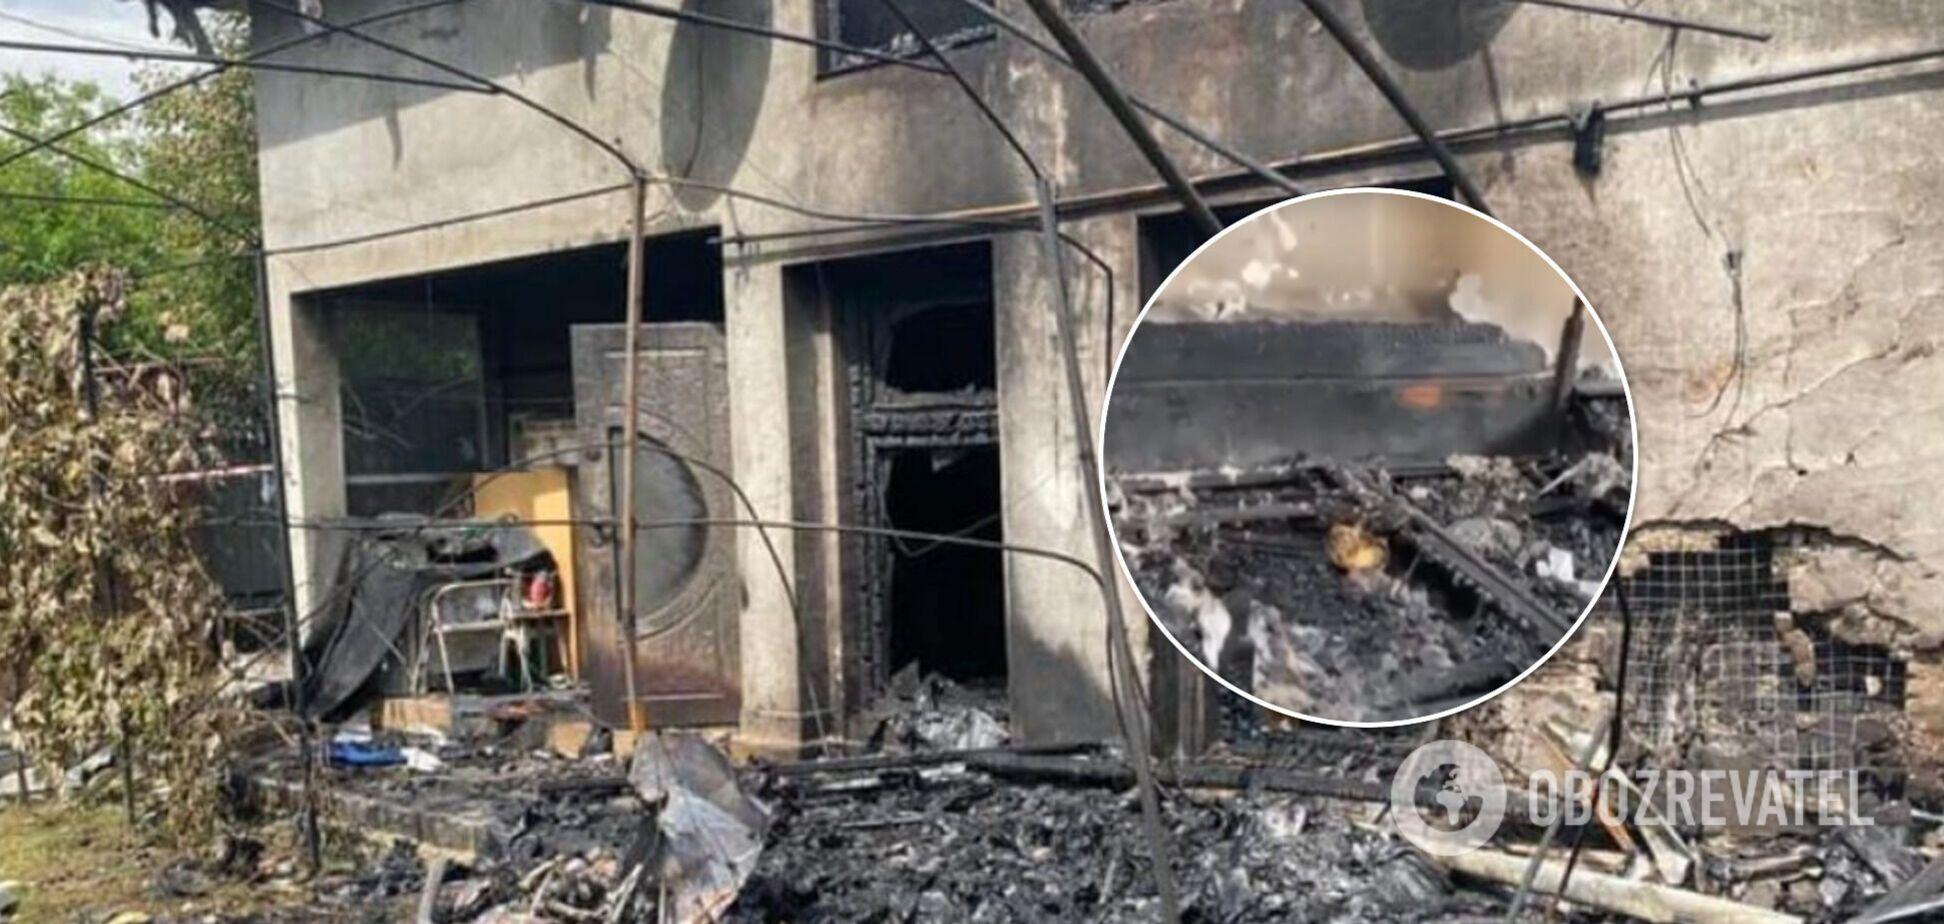 Авіакатастрофа біля Коломиї: три сім'ї зі зруйнованого будинку залишилися без даху над головою. Фото і відео